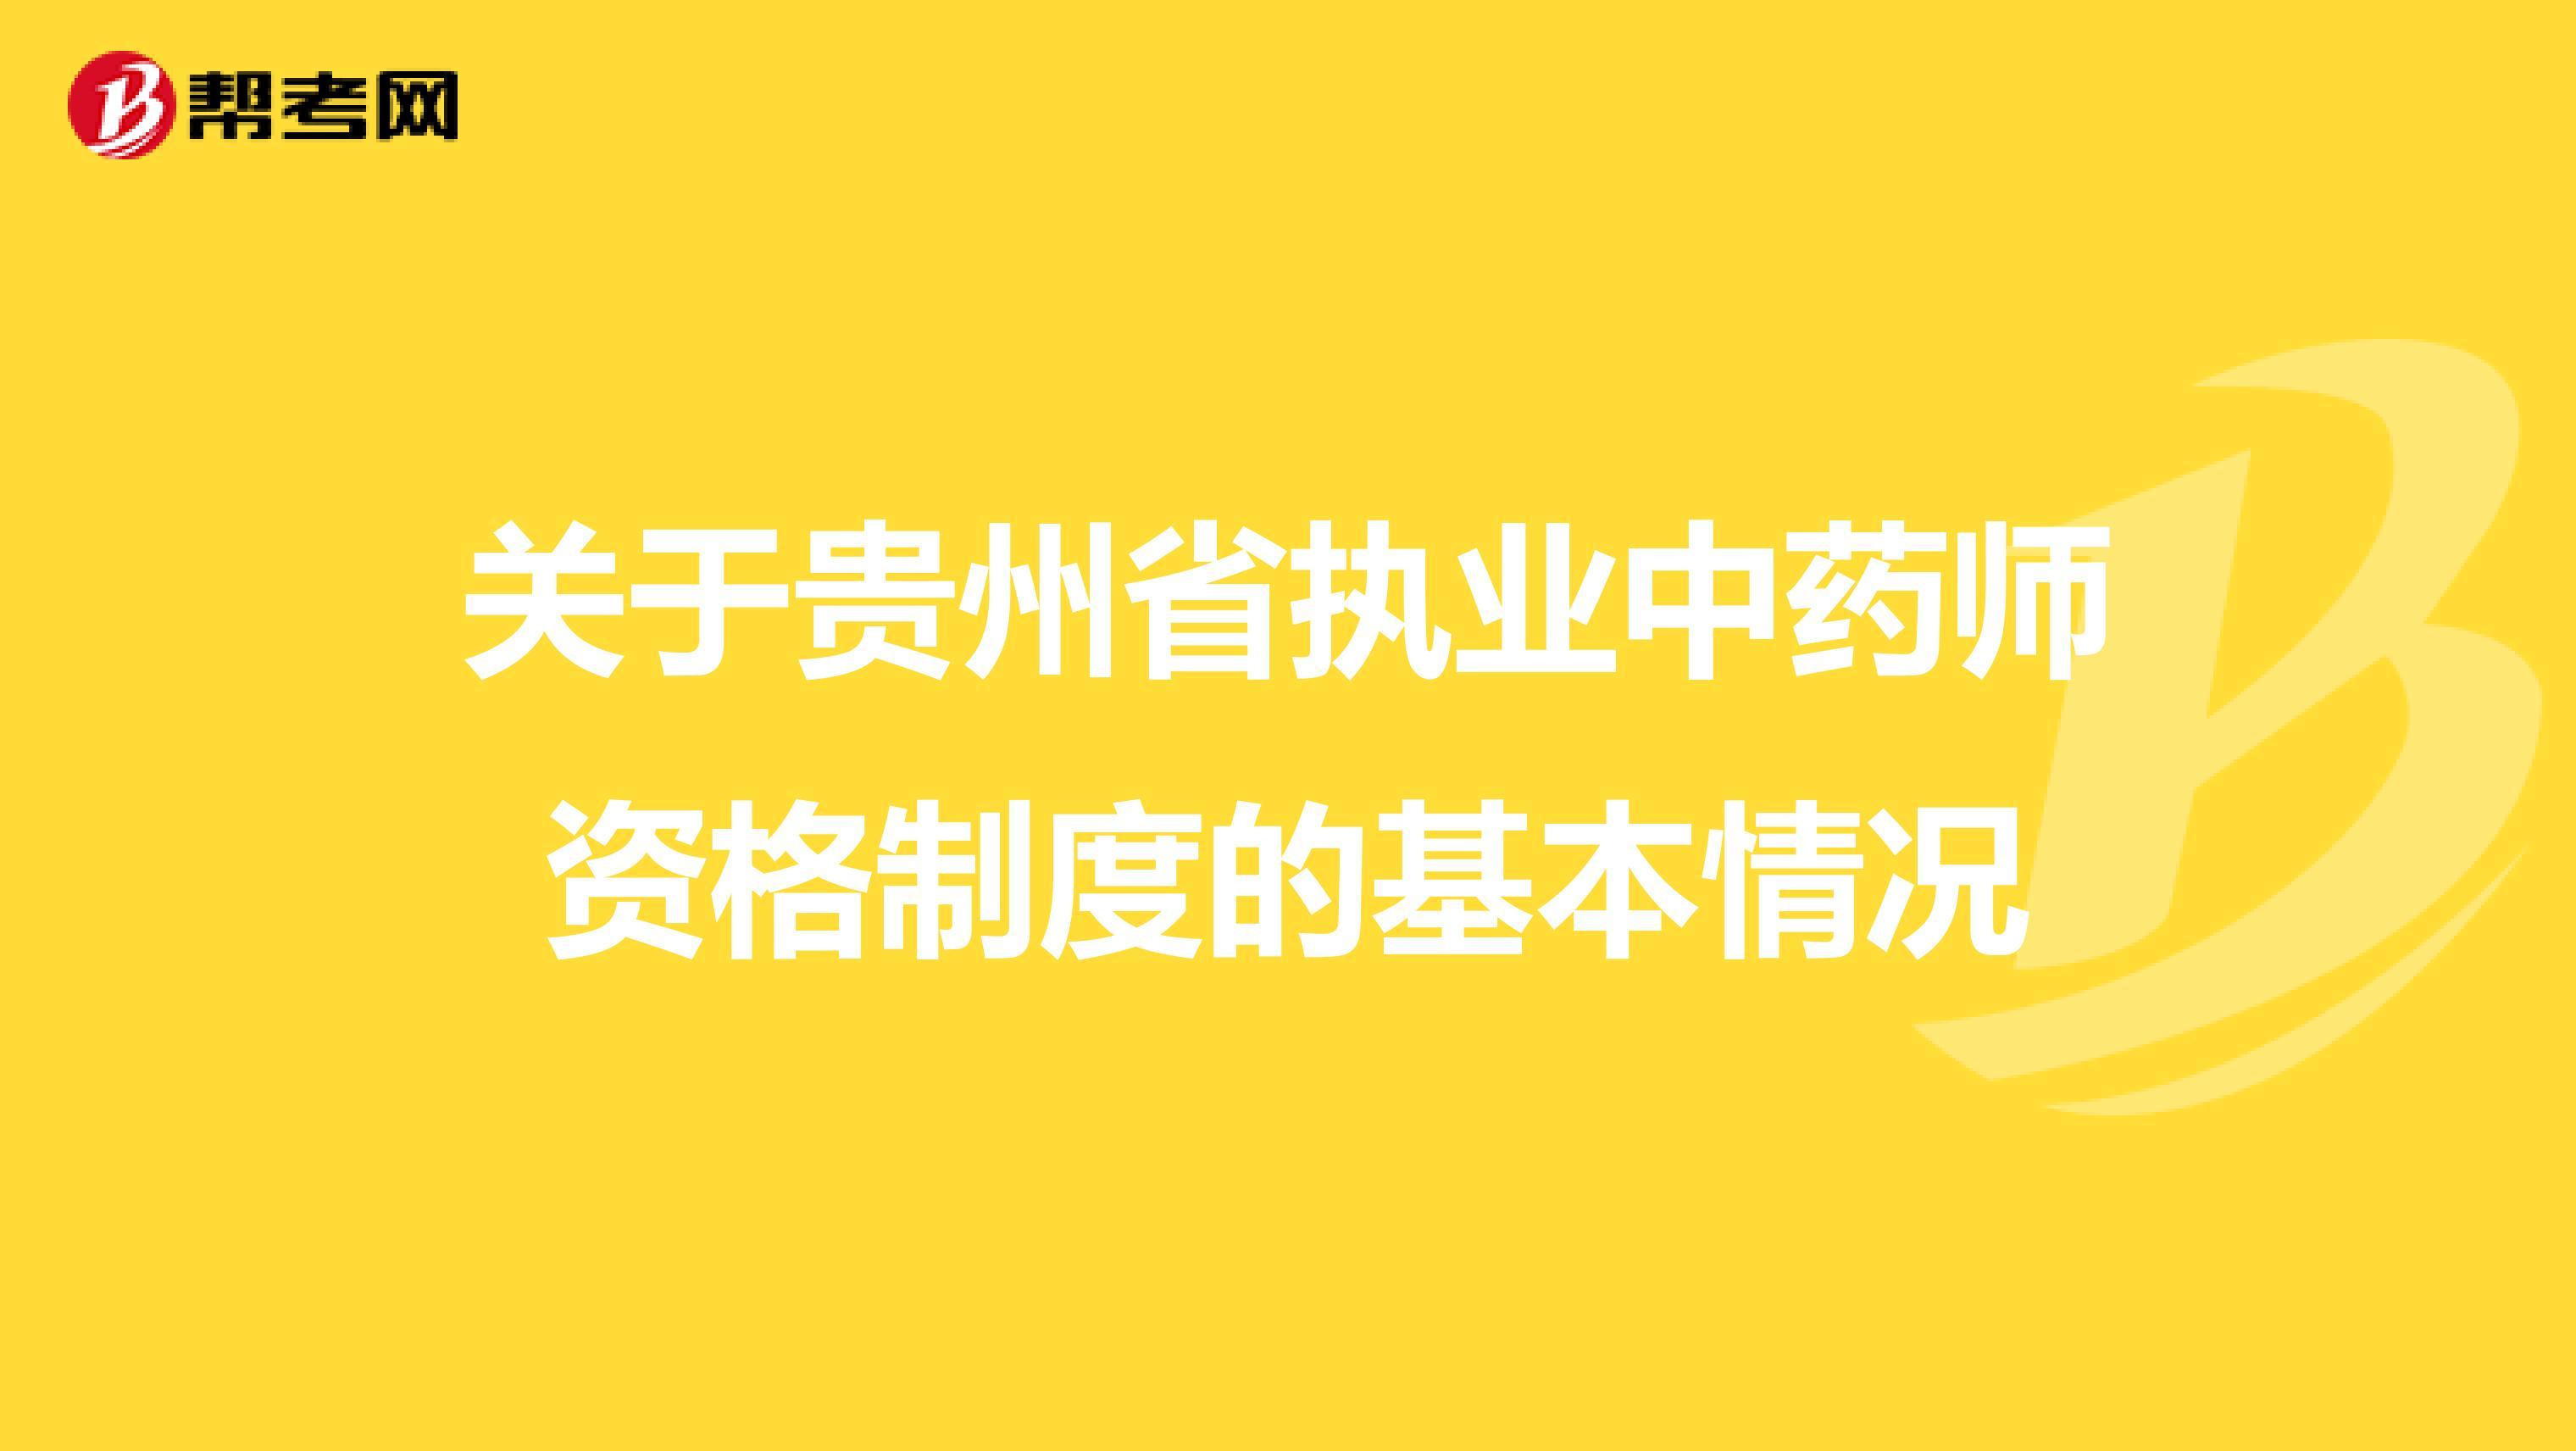 關于貴州省執業中藥師資格制度的基本情況